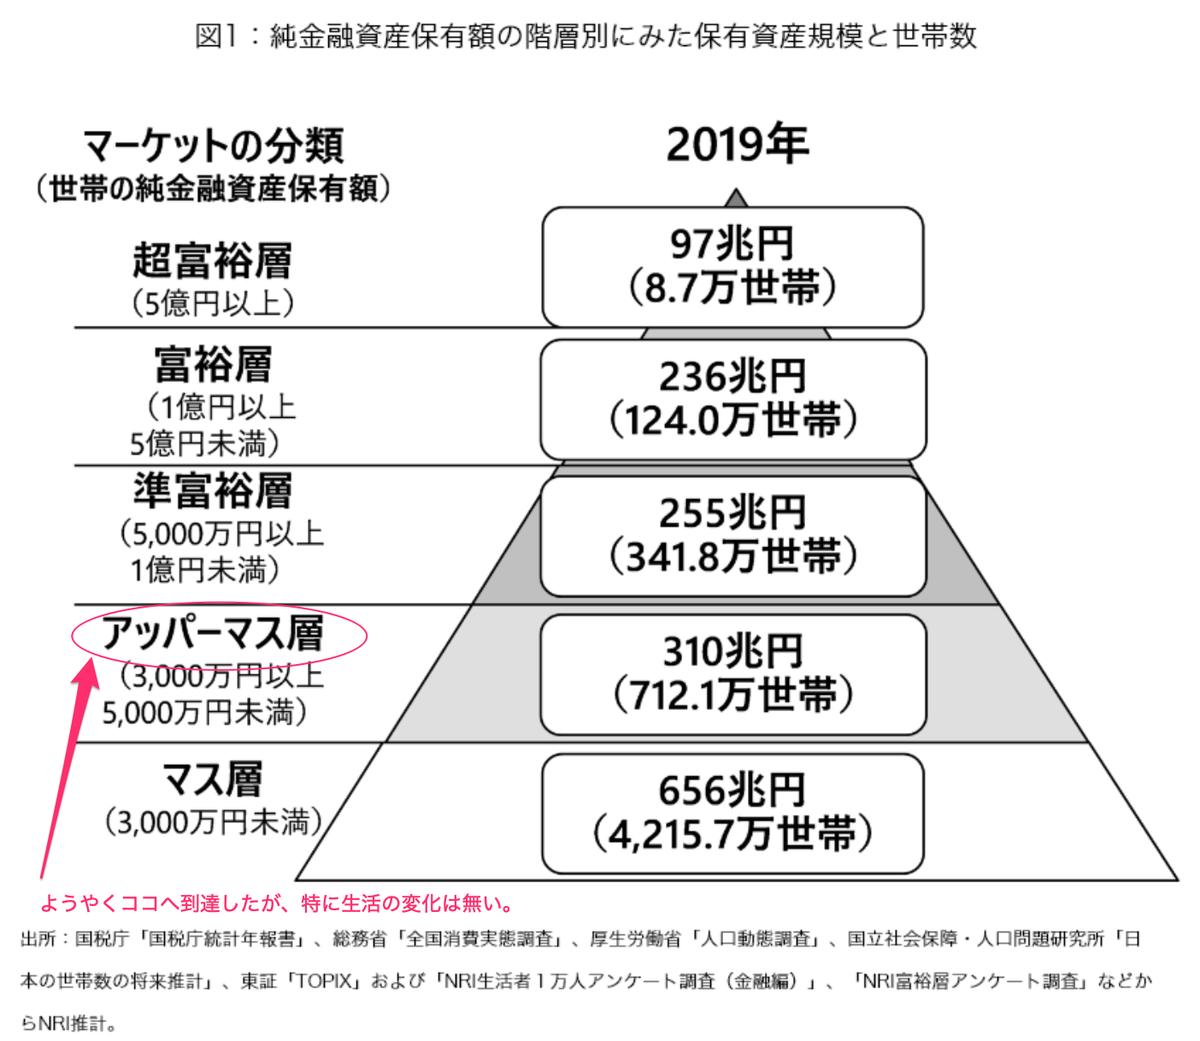 この画像は世帯別資産保有割合をピラミッド上で表示した、有名な画像です。